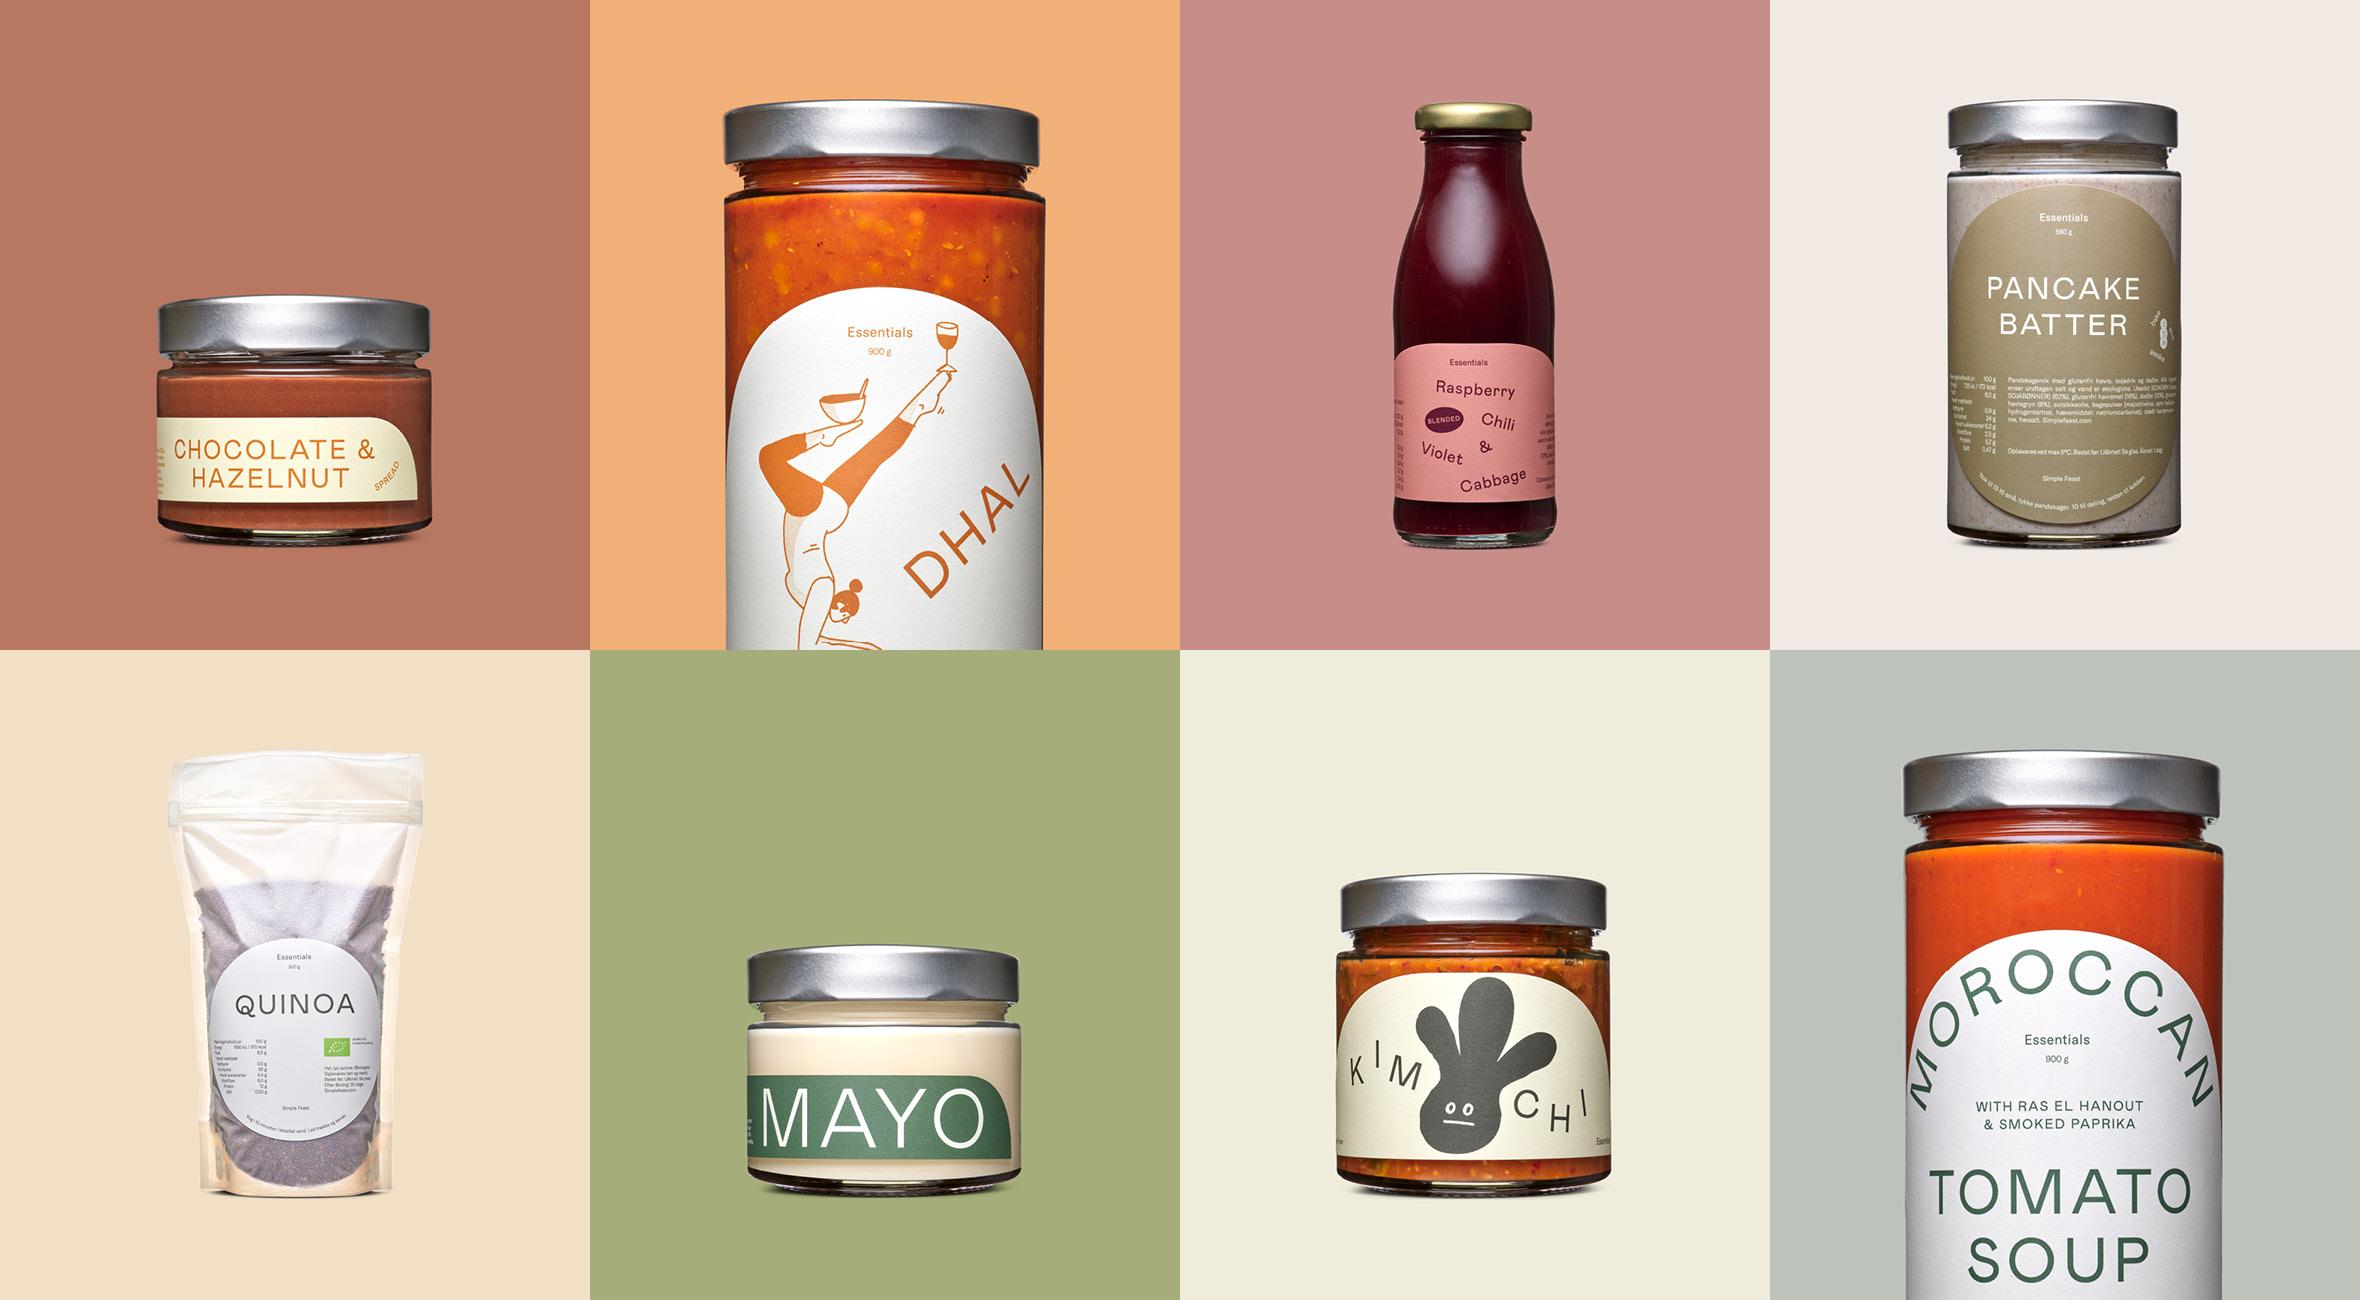 Frit valg til 'Essentials' hos Simple Feast – Få alt fra morgengrød til pandekage-mix, spreads, færdigretter, dressinger og juice! Alt leveres direkte til din dør